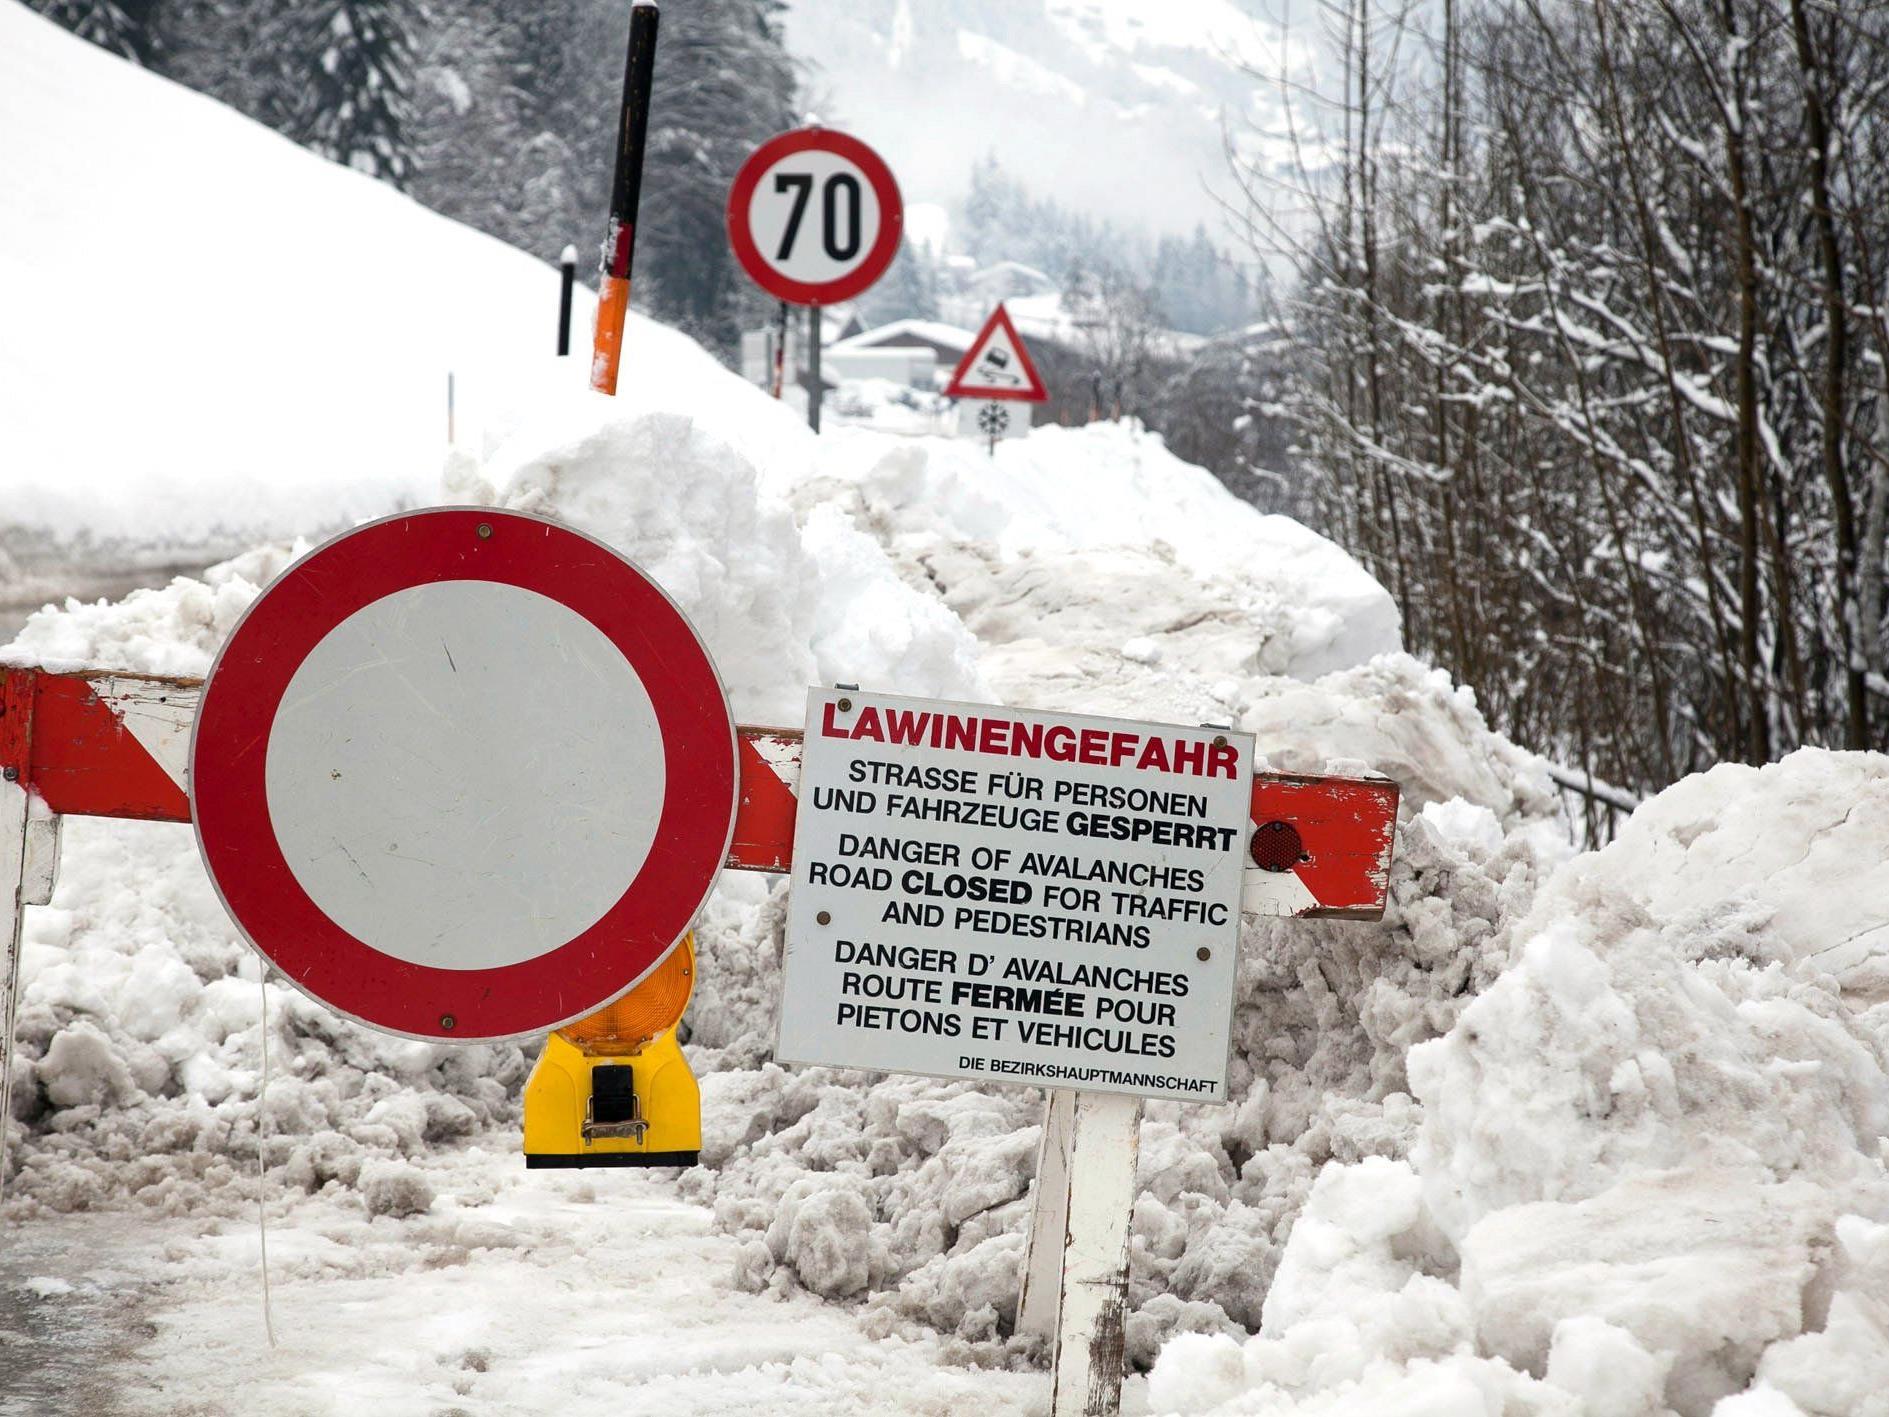 Vollsperre der Lechtalstraße sorgt für Unmut im benachbarten Tirol.